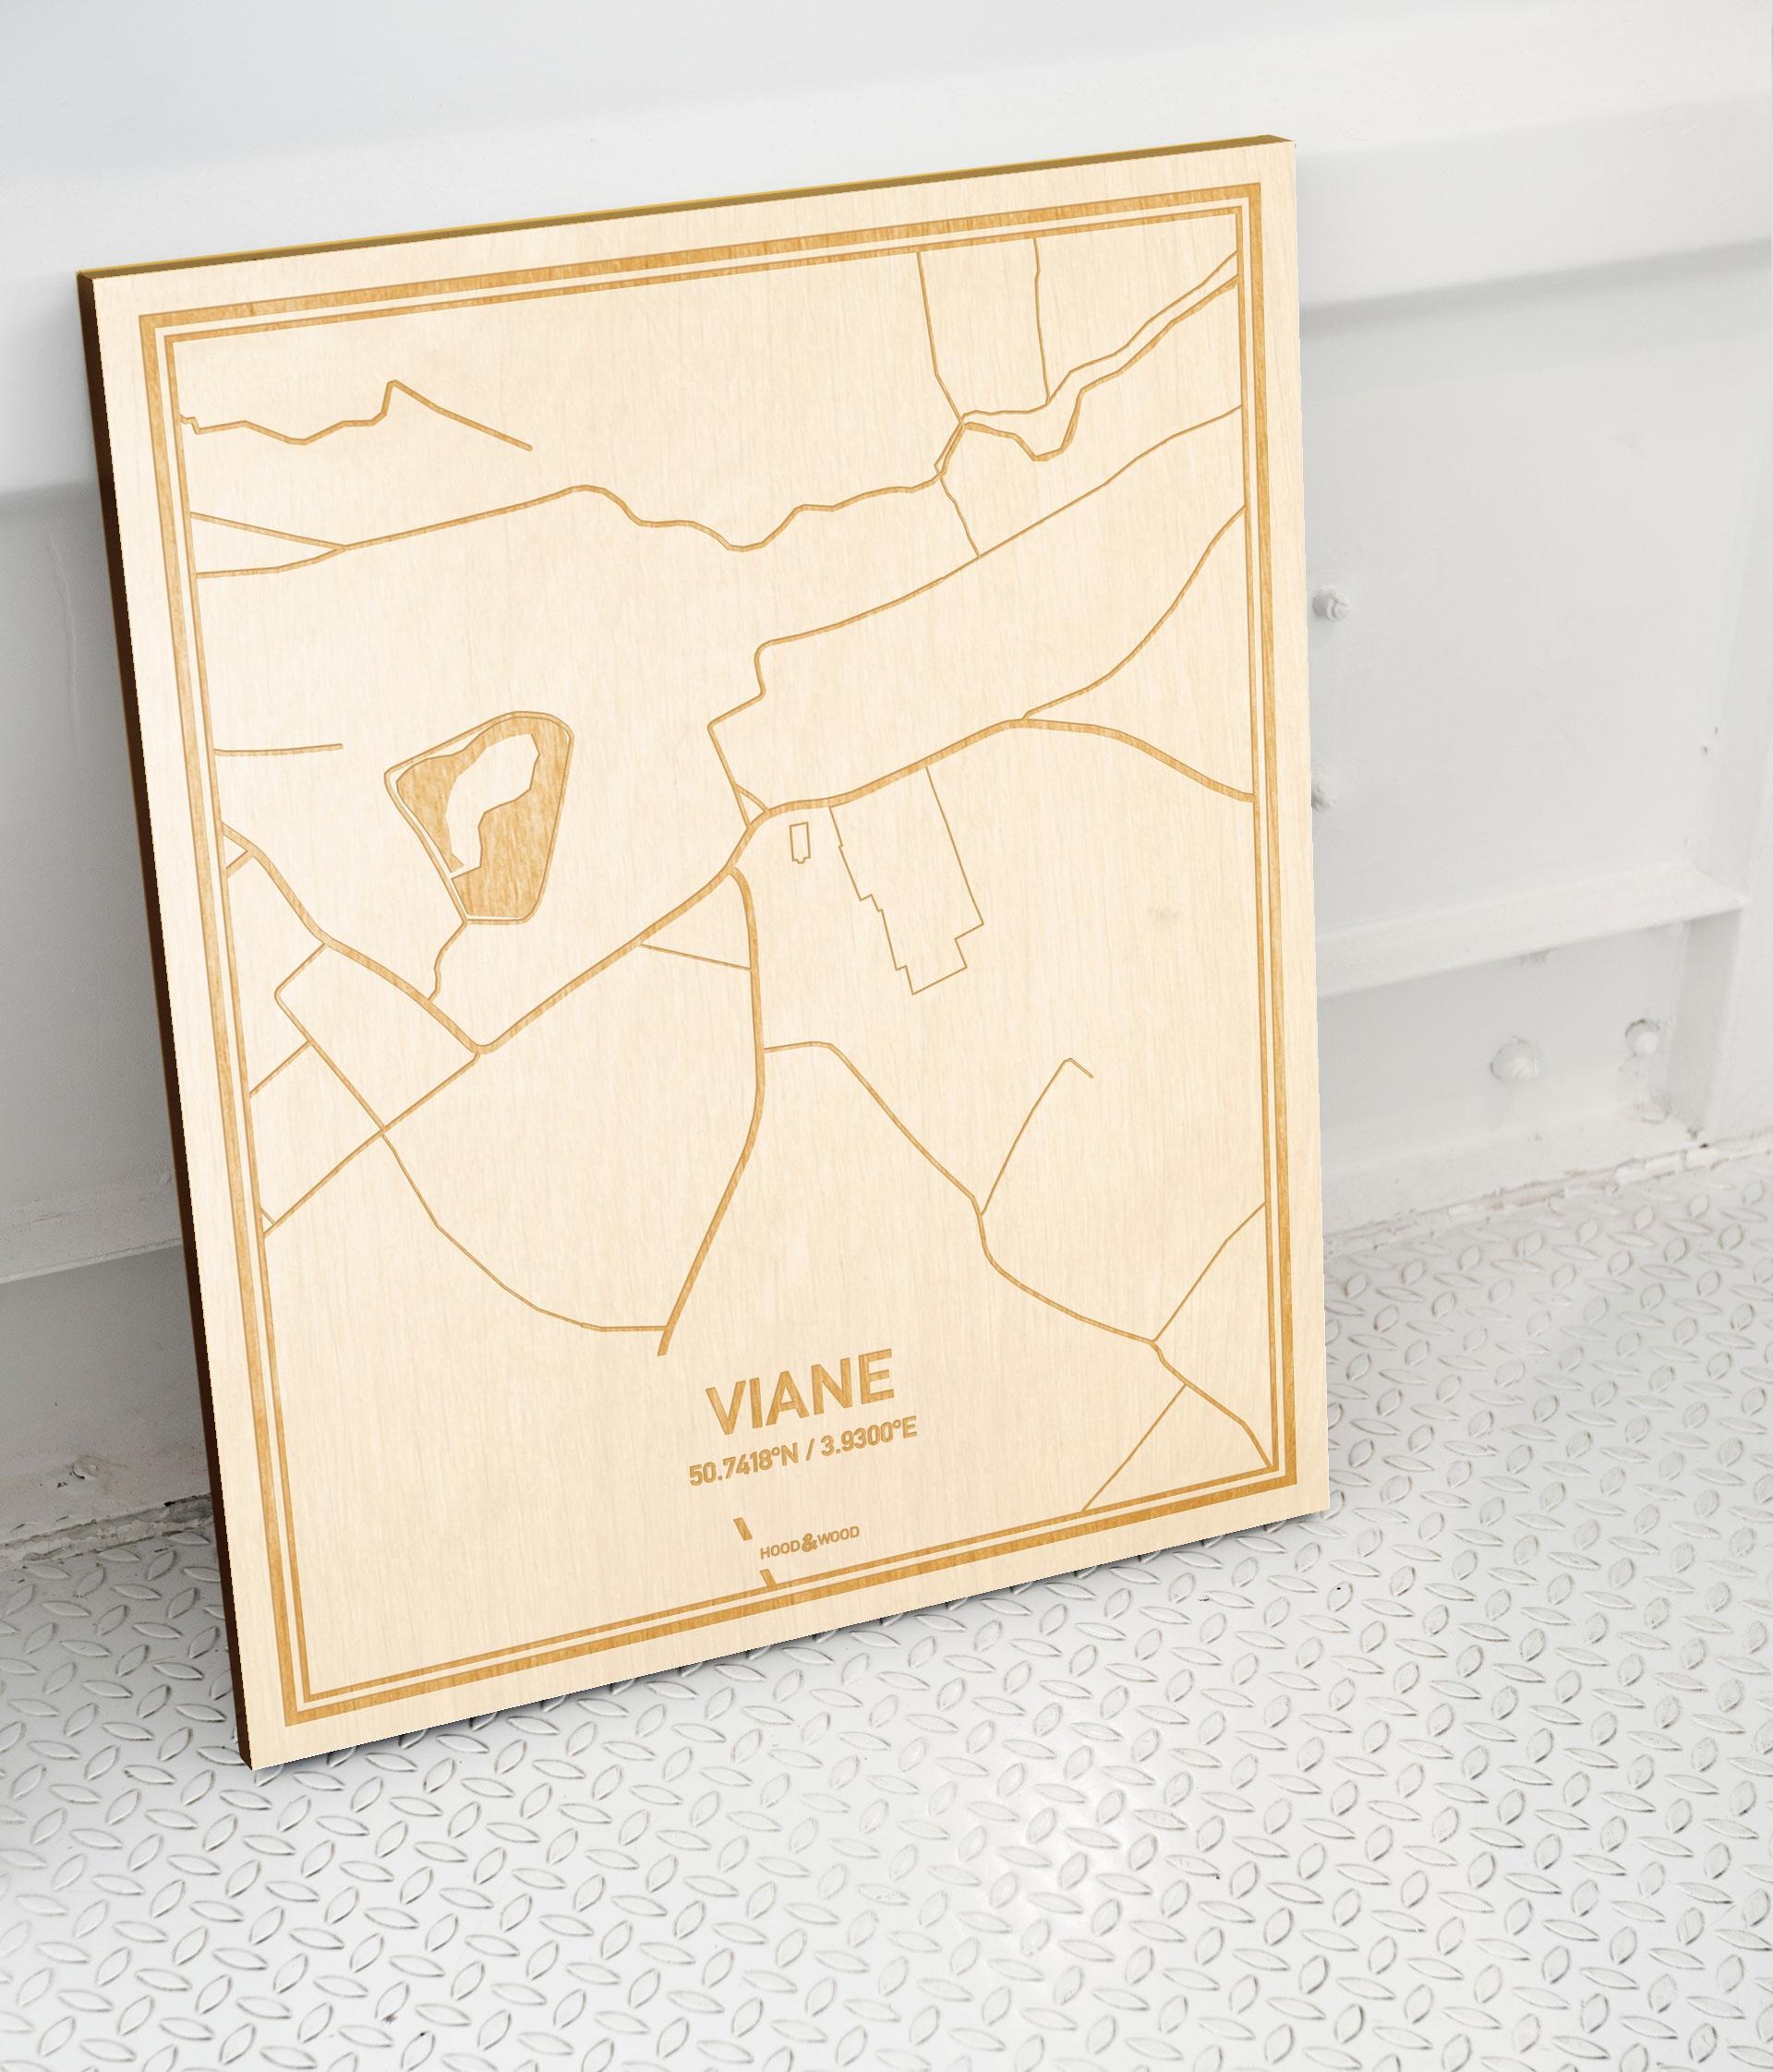 Plattegrond Viane als prachtige houten wanddecoratie. Het warme hout contrasteert mooi met de witte muur.